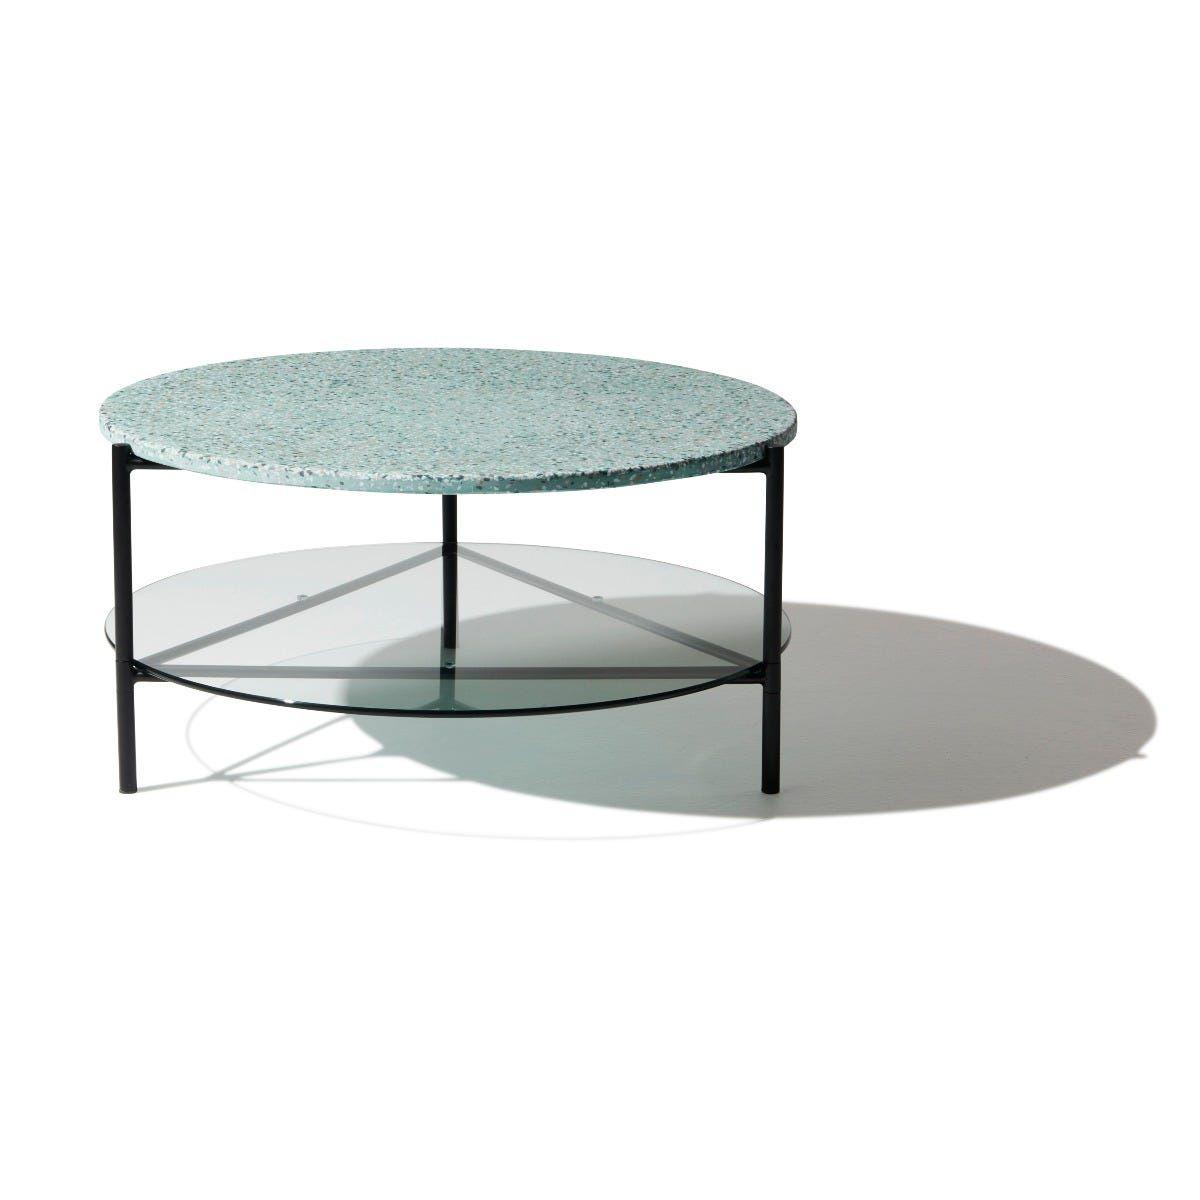 Terrazzo Coffee Table Grey Terrazzo White Frame In 2021 Coffee Table Coffee Table Grey Terrazzo Coffee Table [ 1200 x 1200 Pixel ]